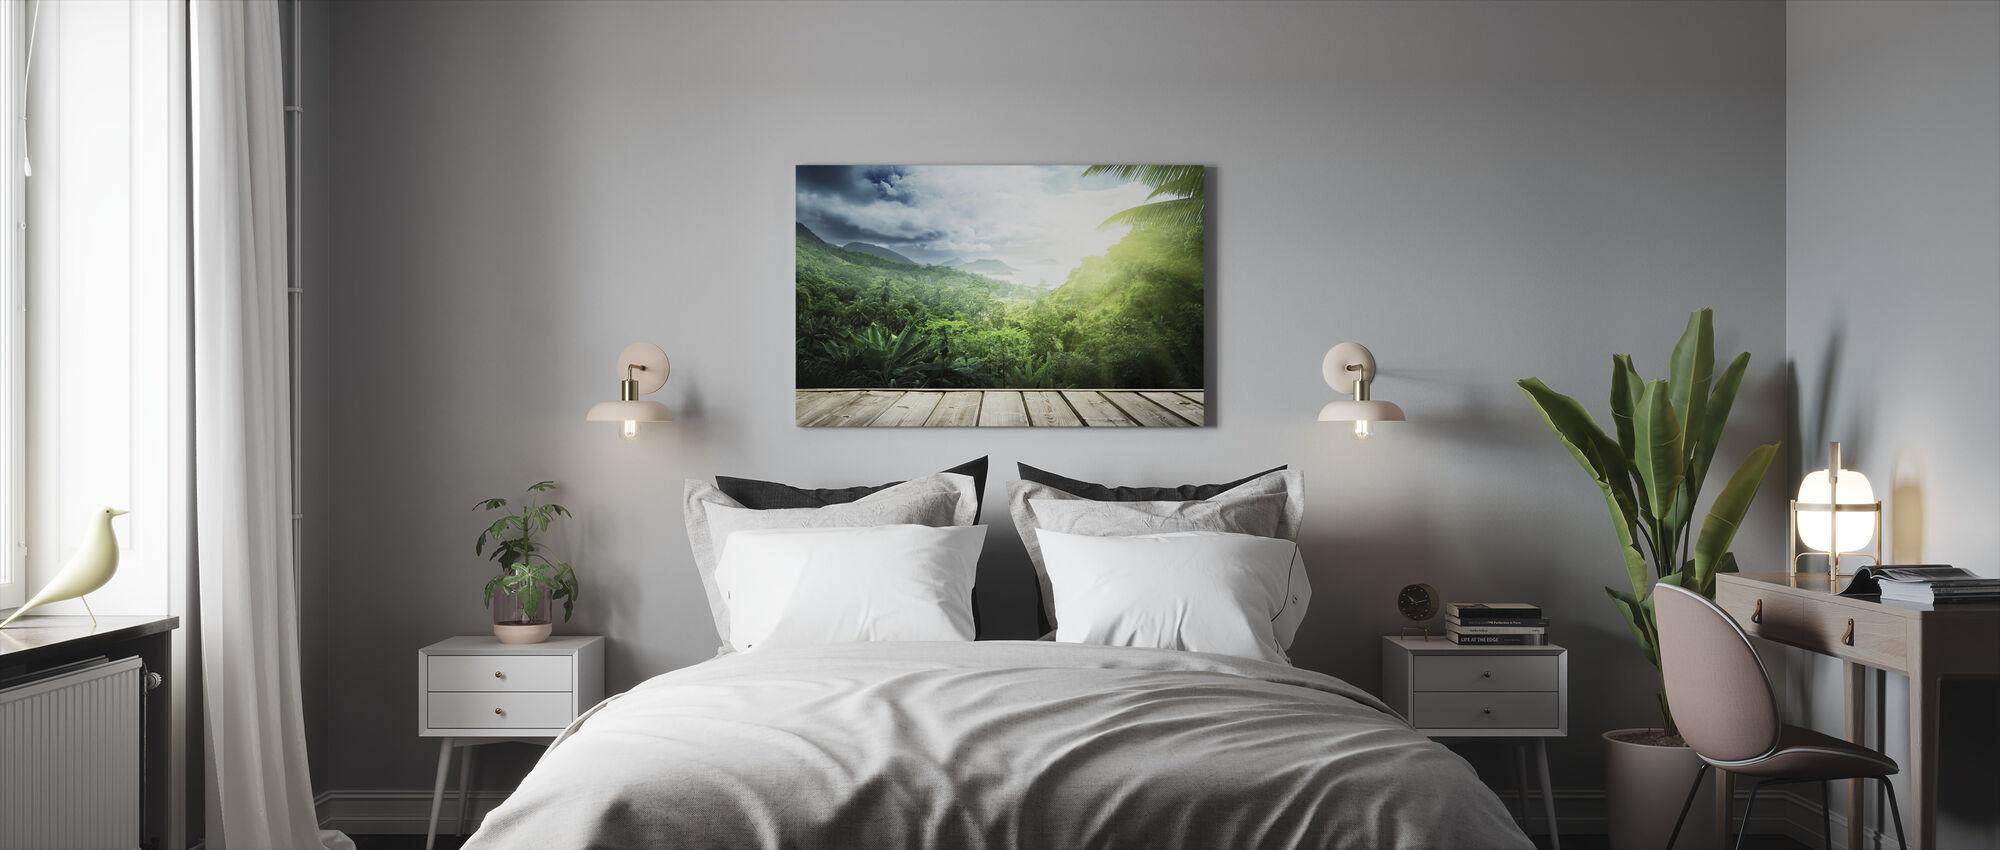 Tropical Porch - Canvas print - Bedroom